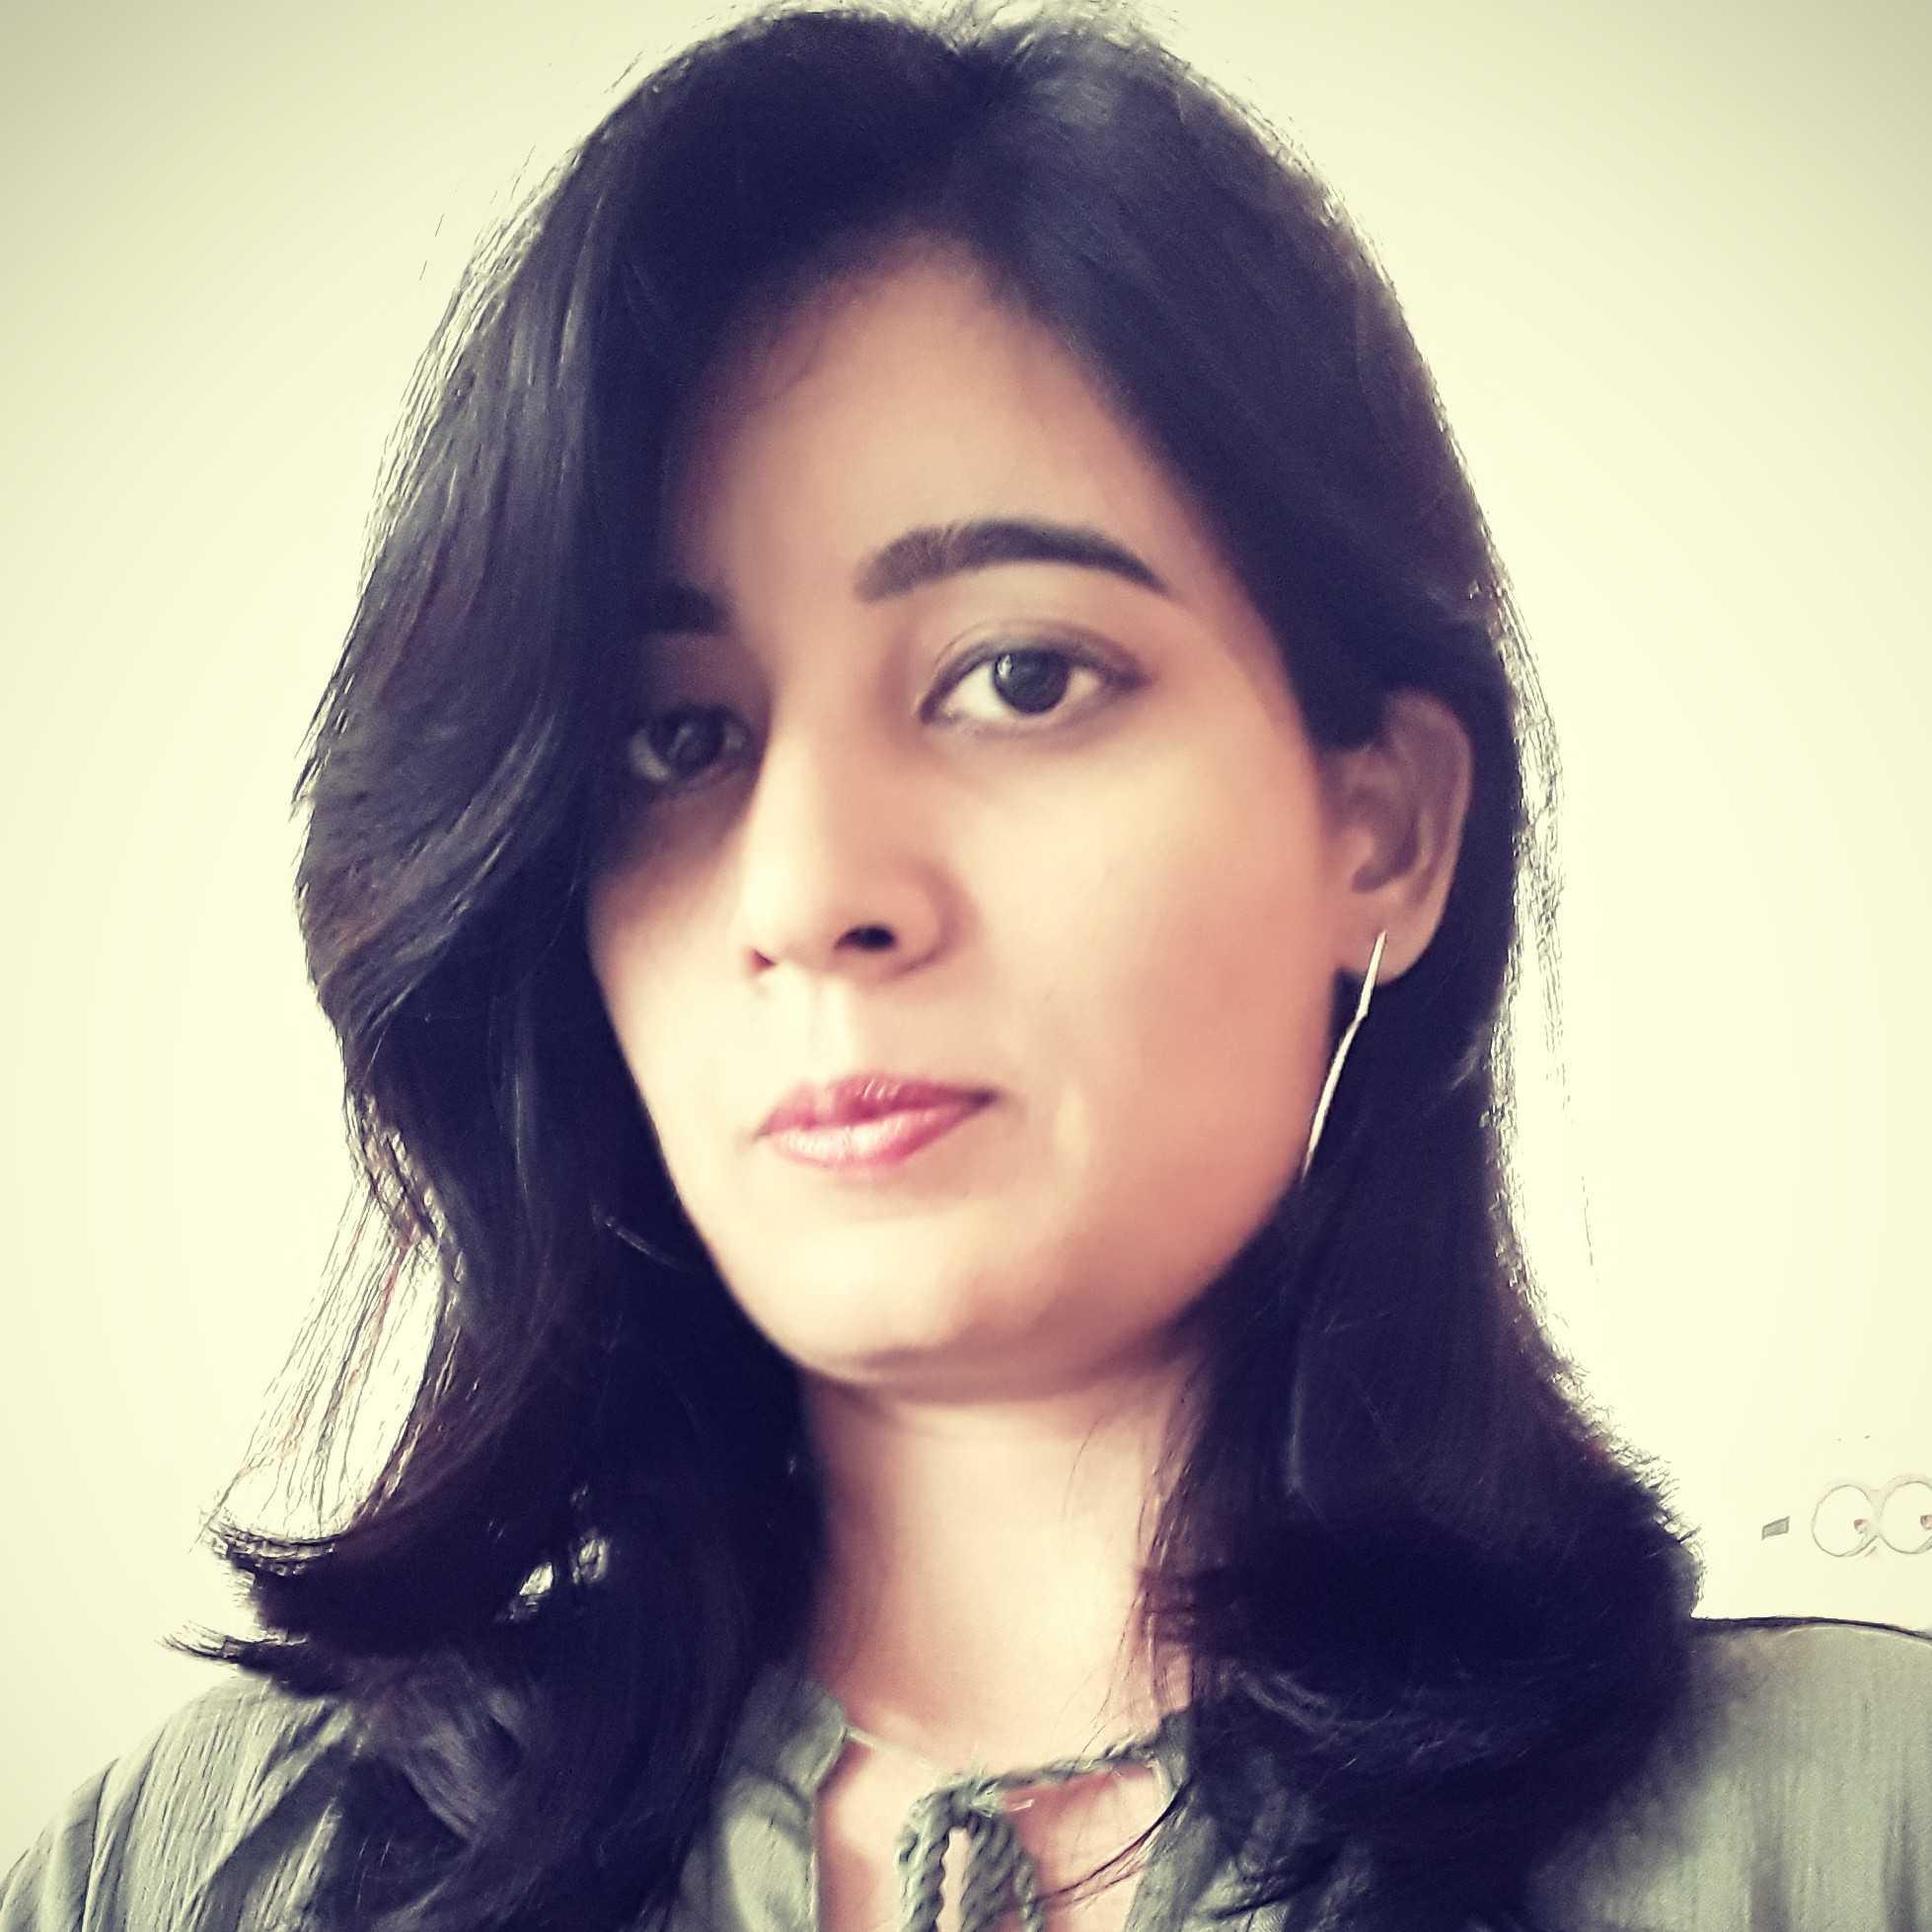 Eron (Neha Sharma) कलम से दरिया बहता है मेरी बचकर रहना बाढ़ आ सकती है।